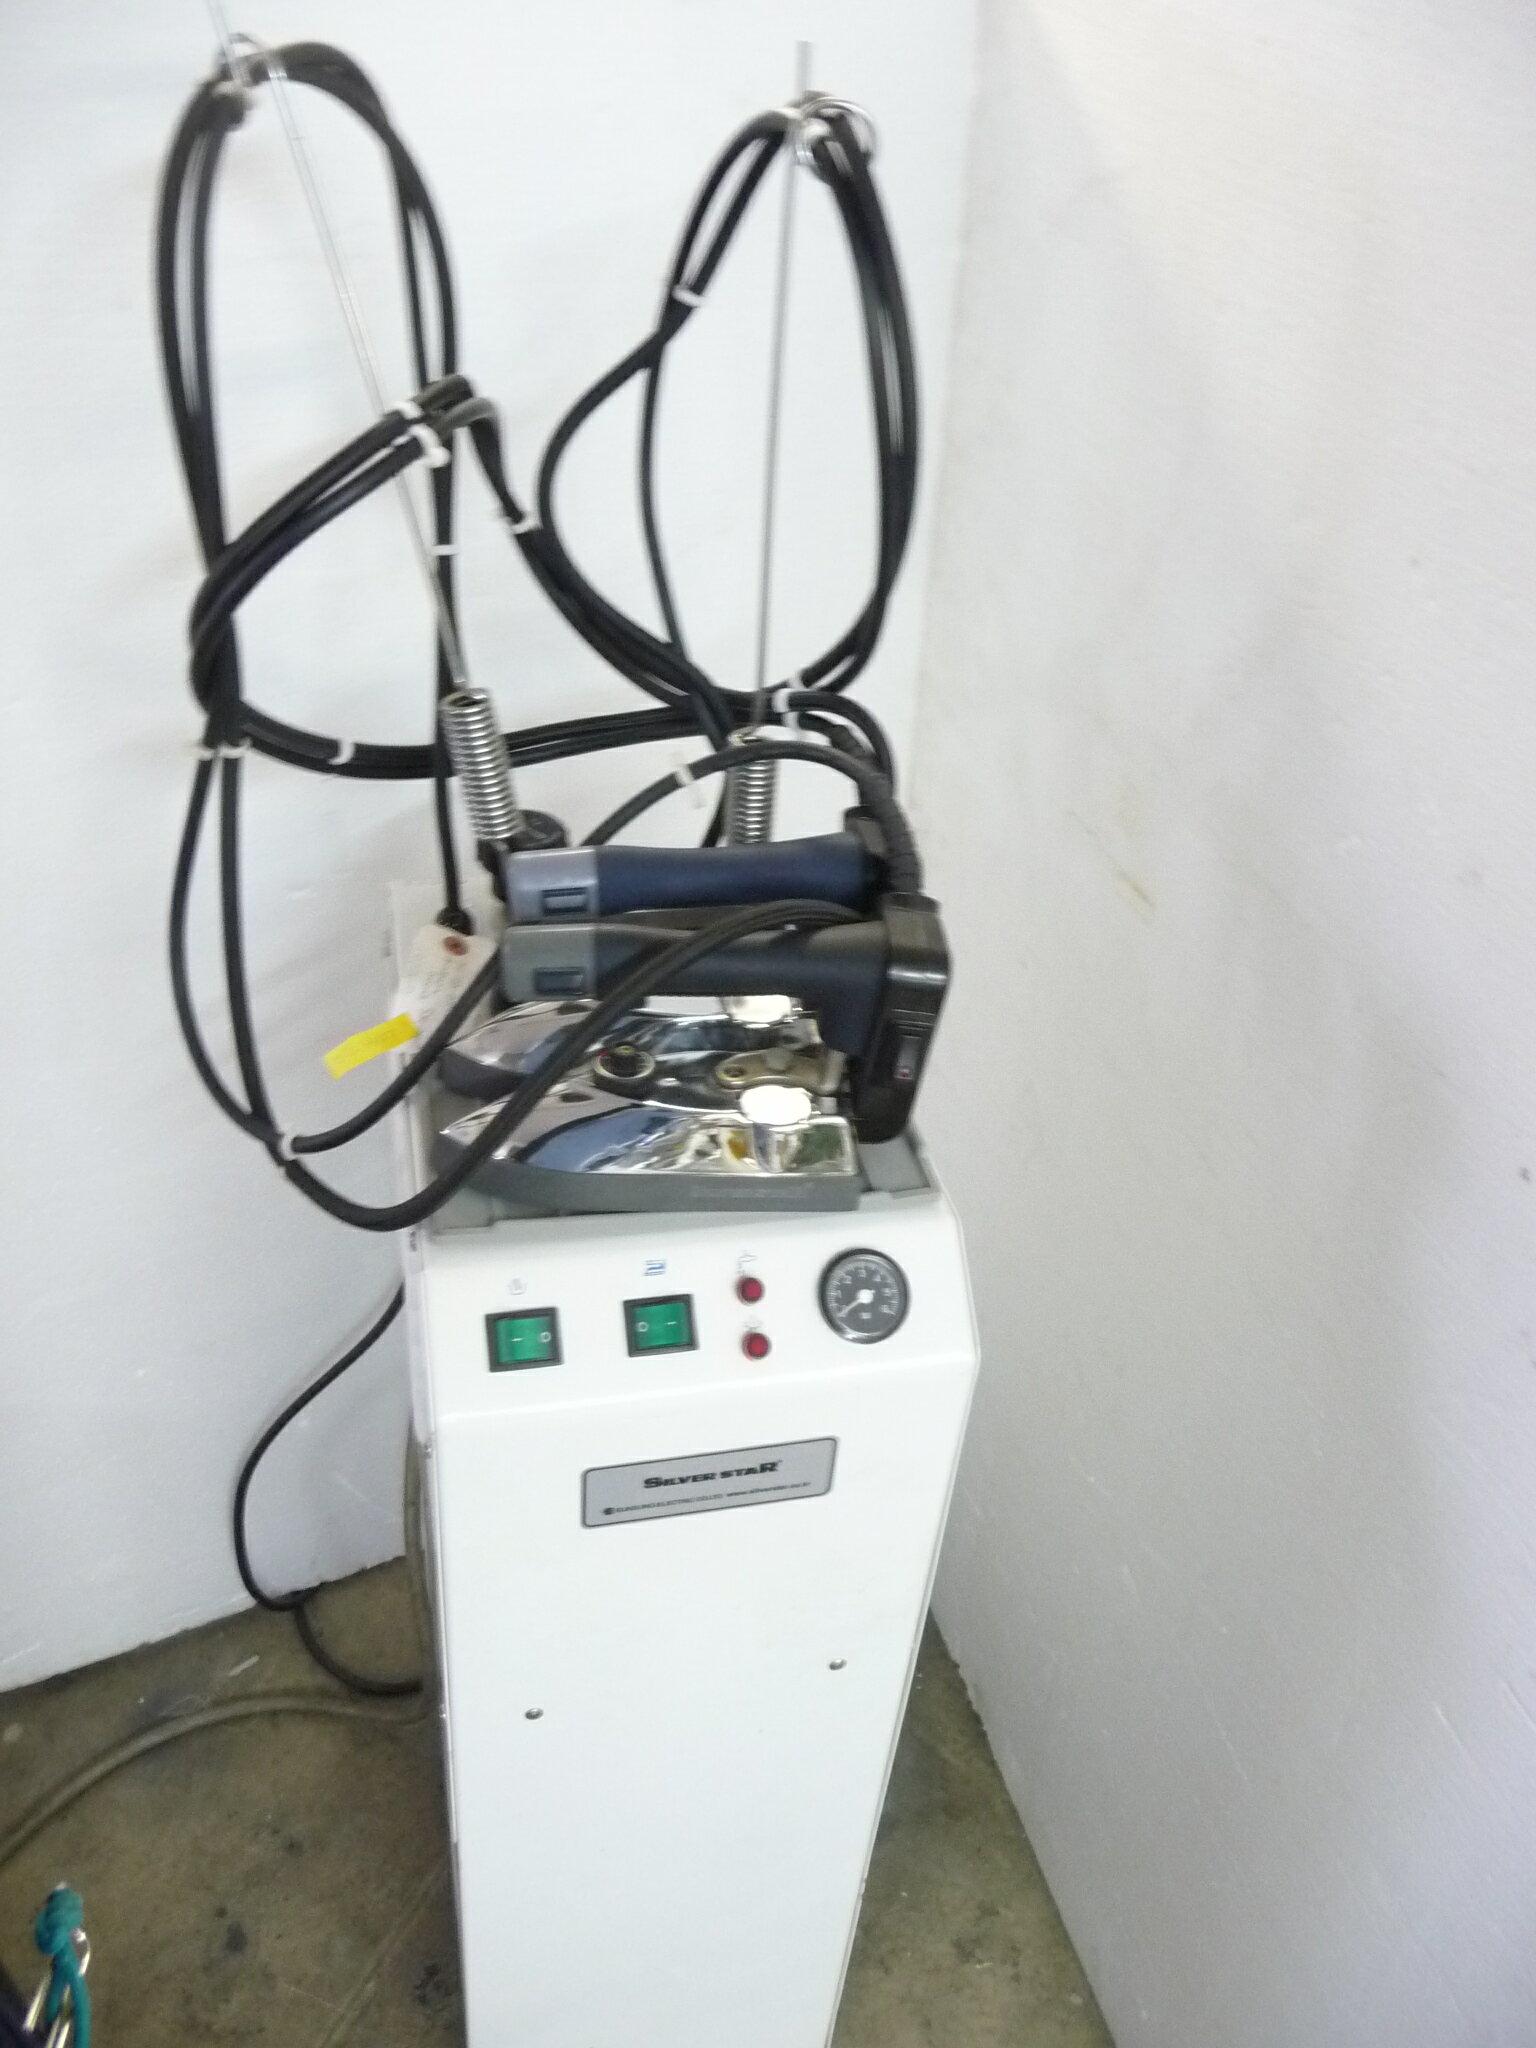 【新古品】韓国製。メーカーシルバースター製。モデルNOーSSM−SR−6000型ボイラー